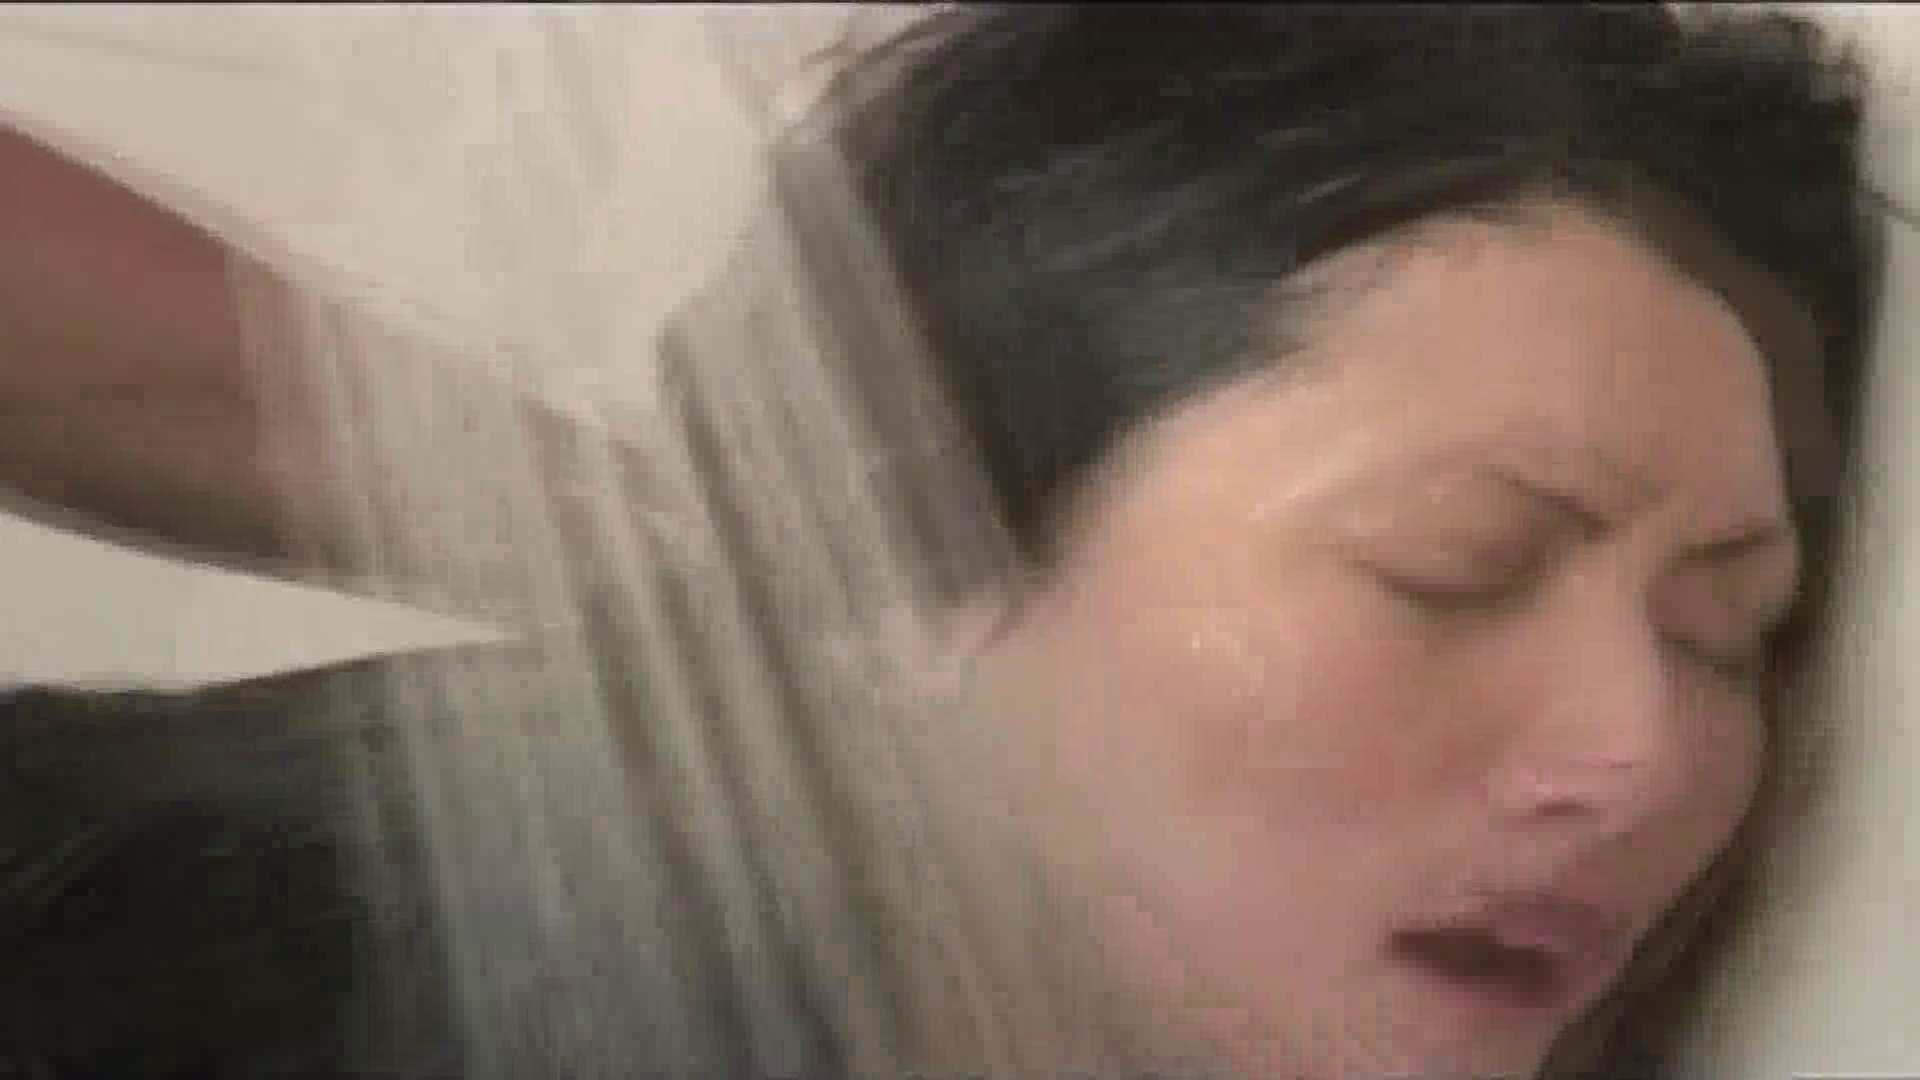 ドSな男!水責め スリム美少年系ジャニ系 尻マンコ画像 77枚 22